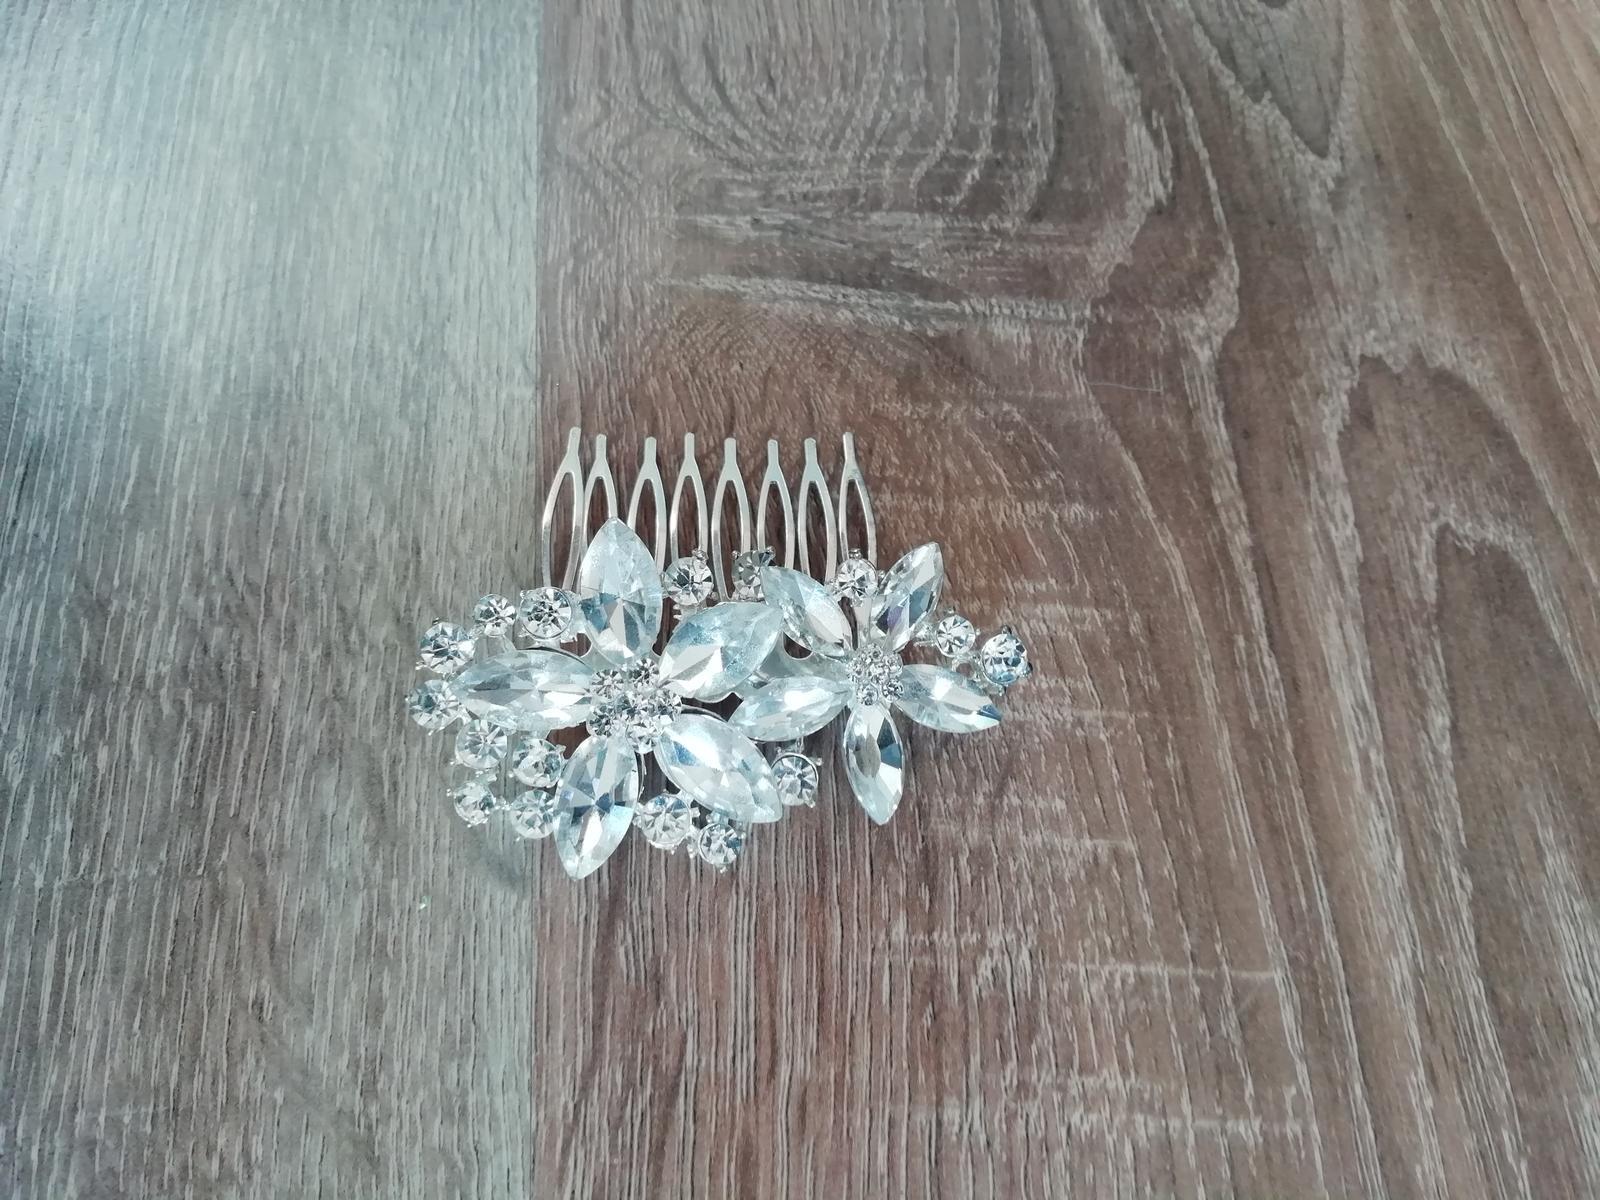 Štrasový hřebínek do vlasů - Obrázek č. 1